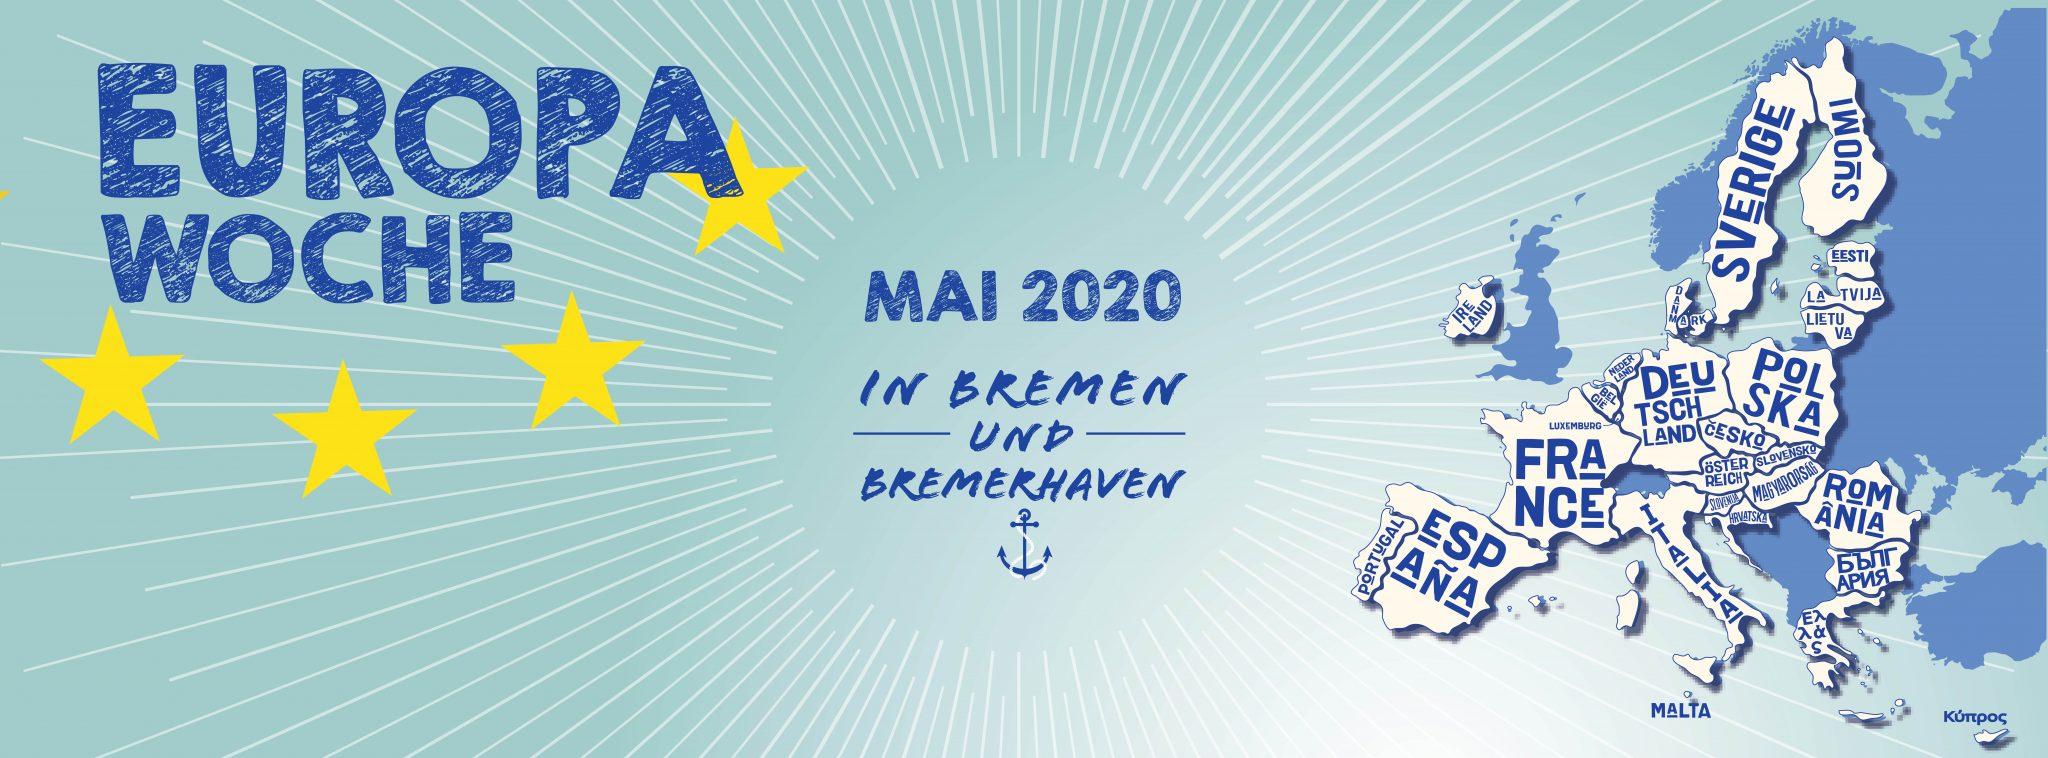 20200217_Europawochen_Digital_3546x1313